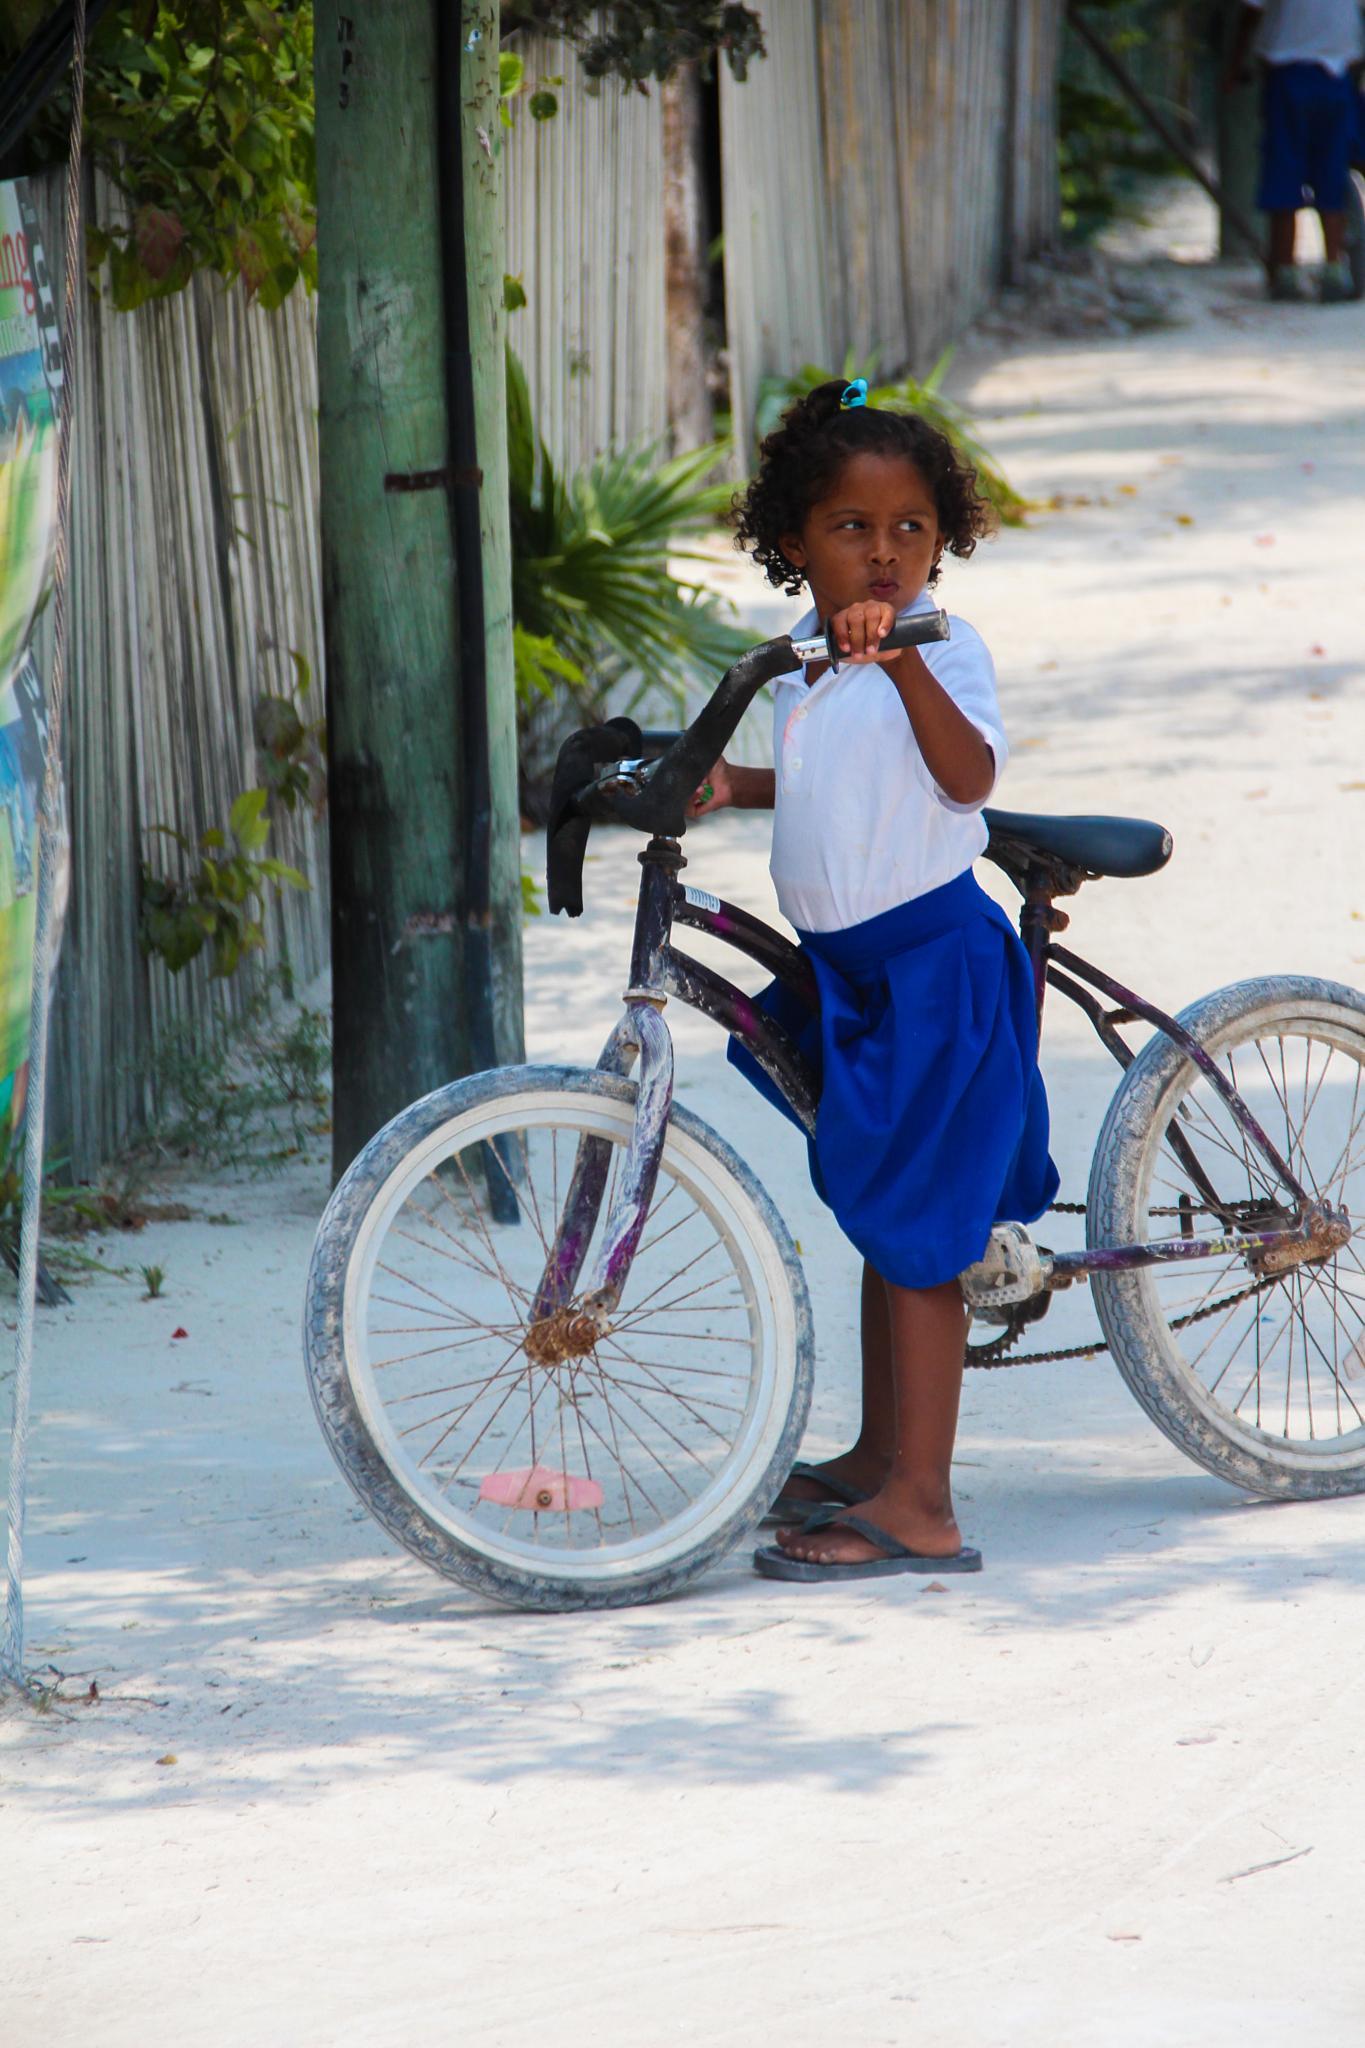 Biker Schoolgirl by GiventoflyTrials